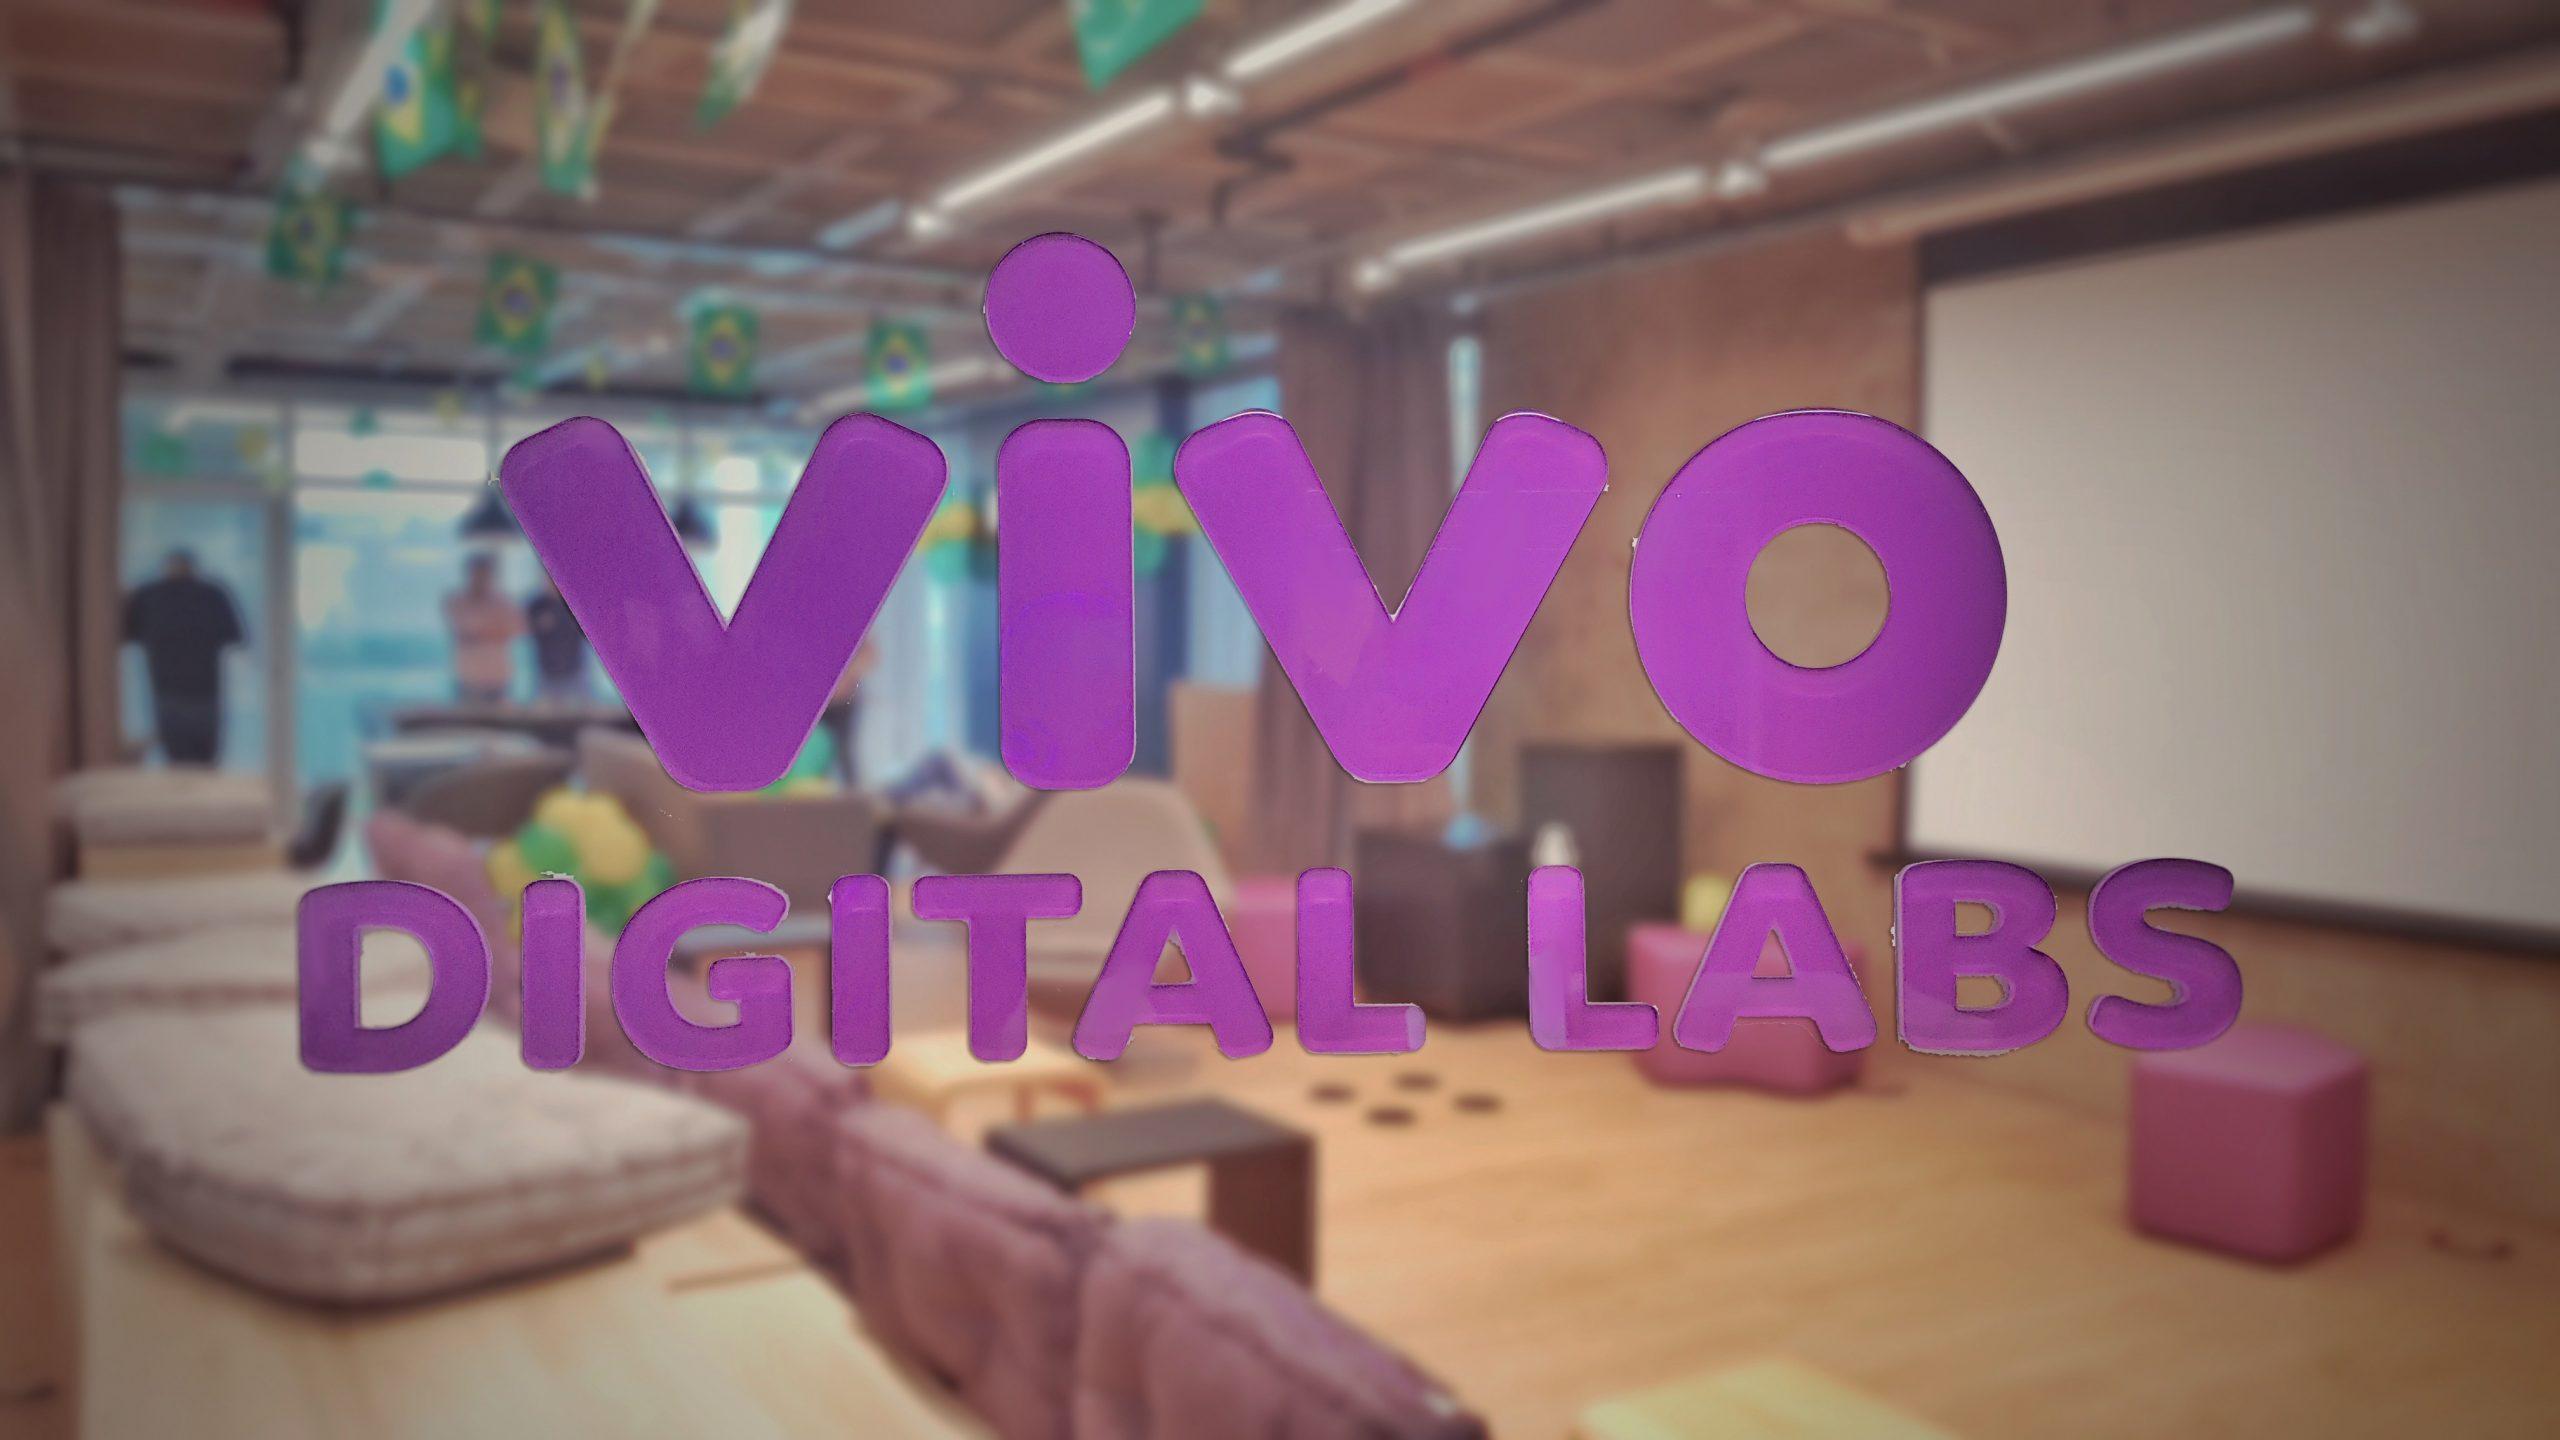 Vivo digital labs 3